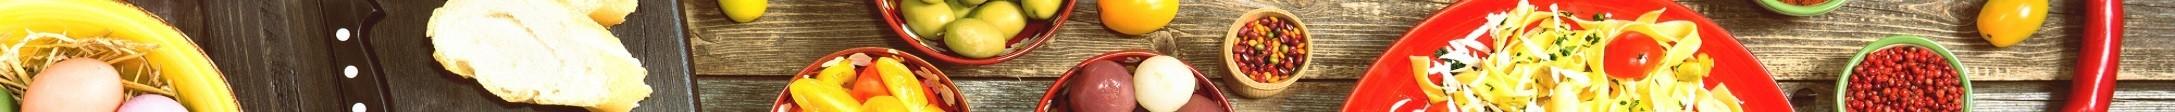 Comprar Gastronomia Gourmet Del Mundo | Mixtura Gourmet